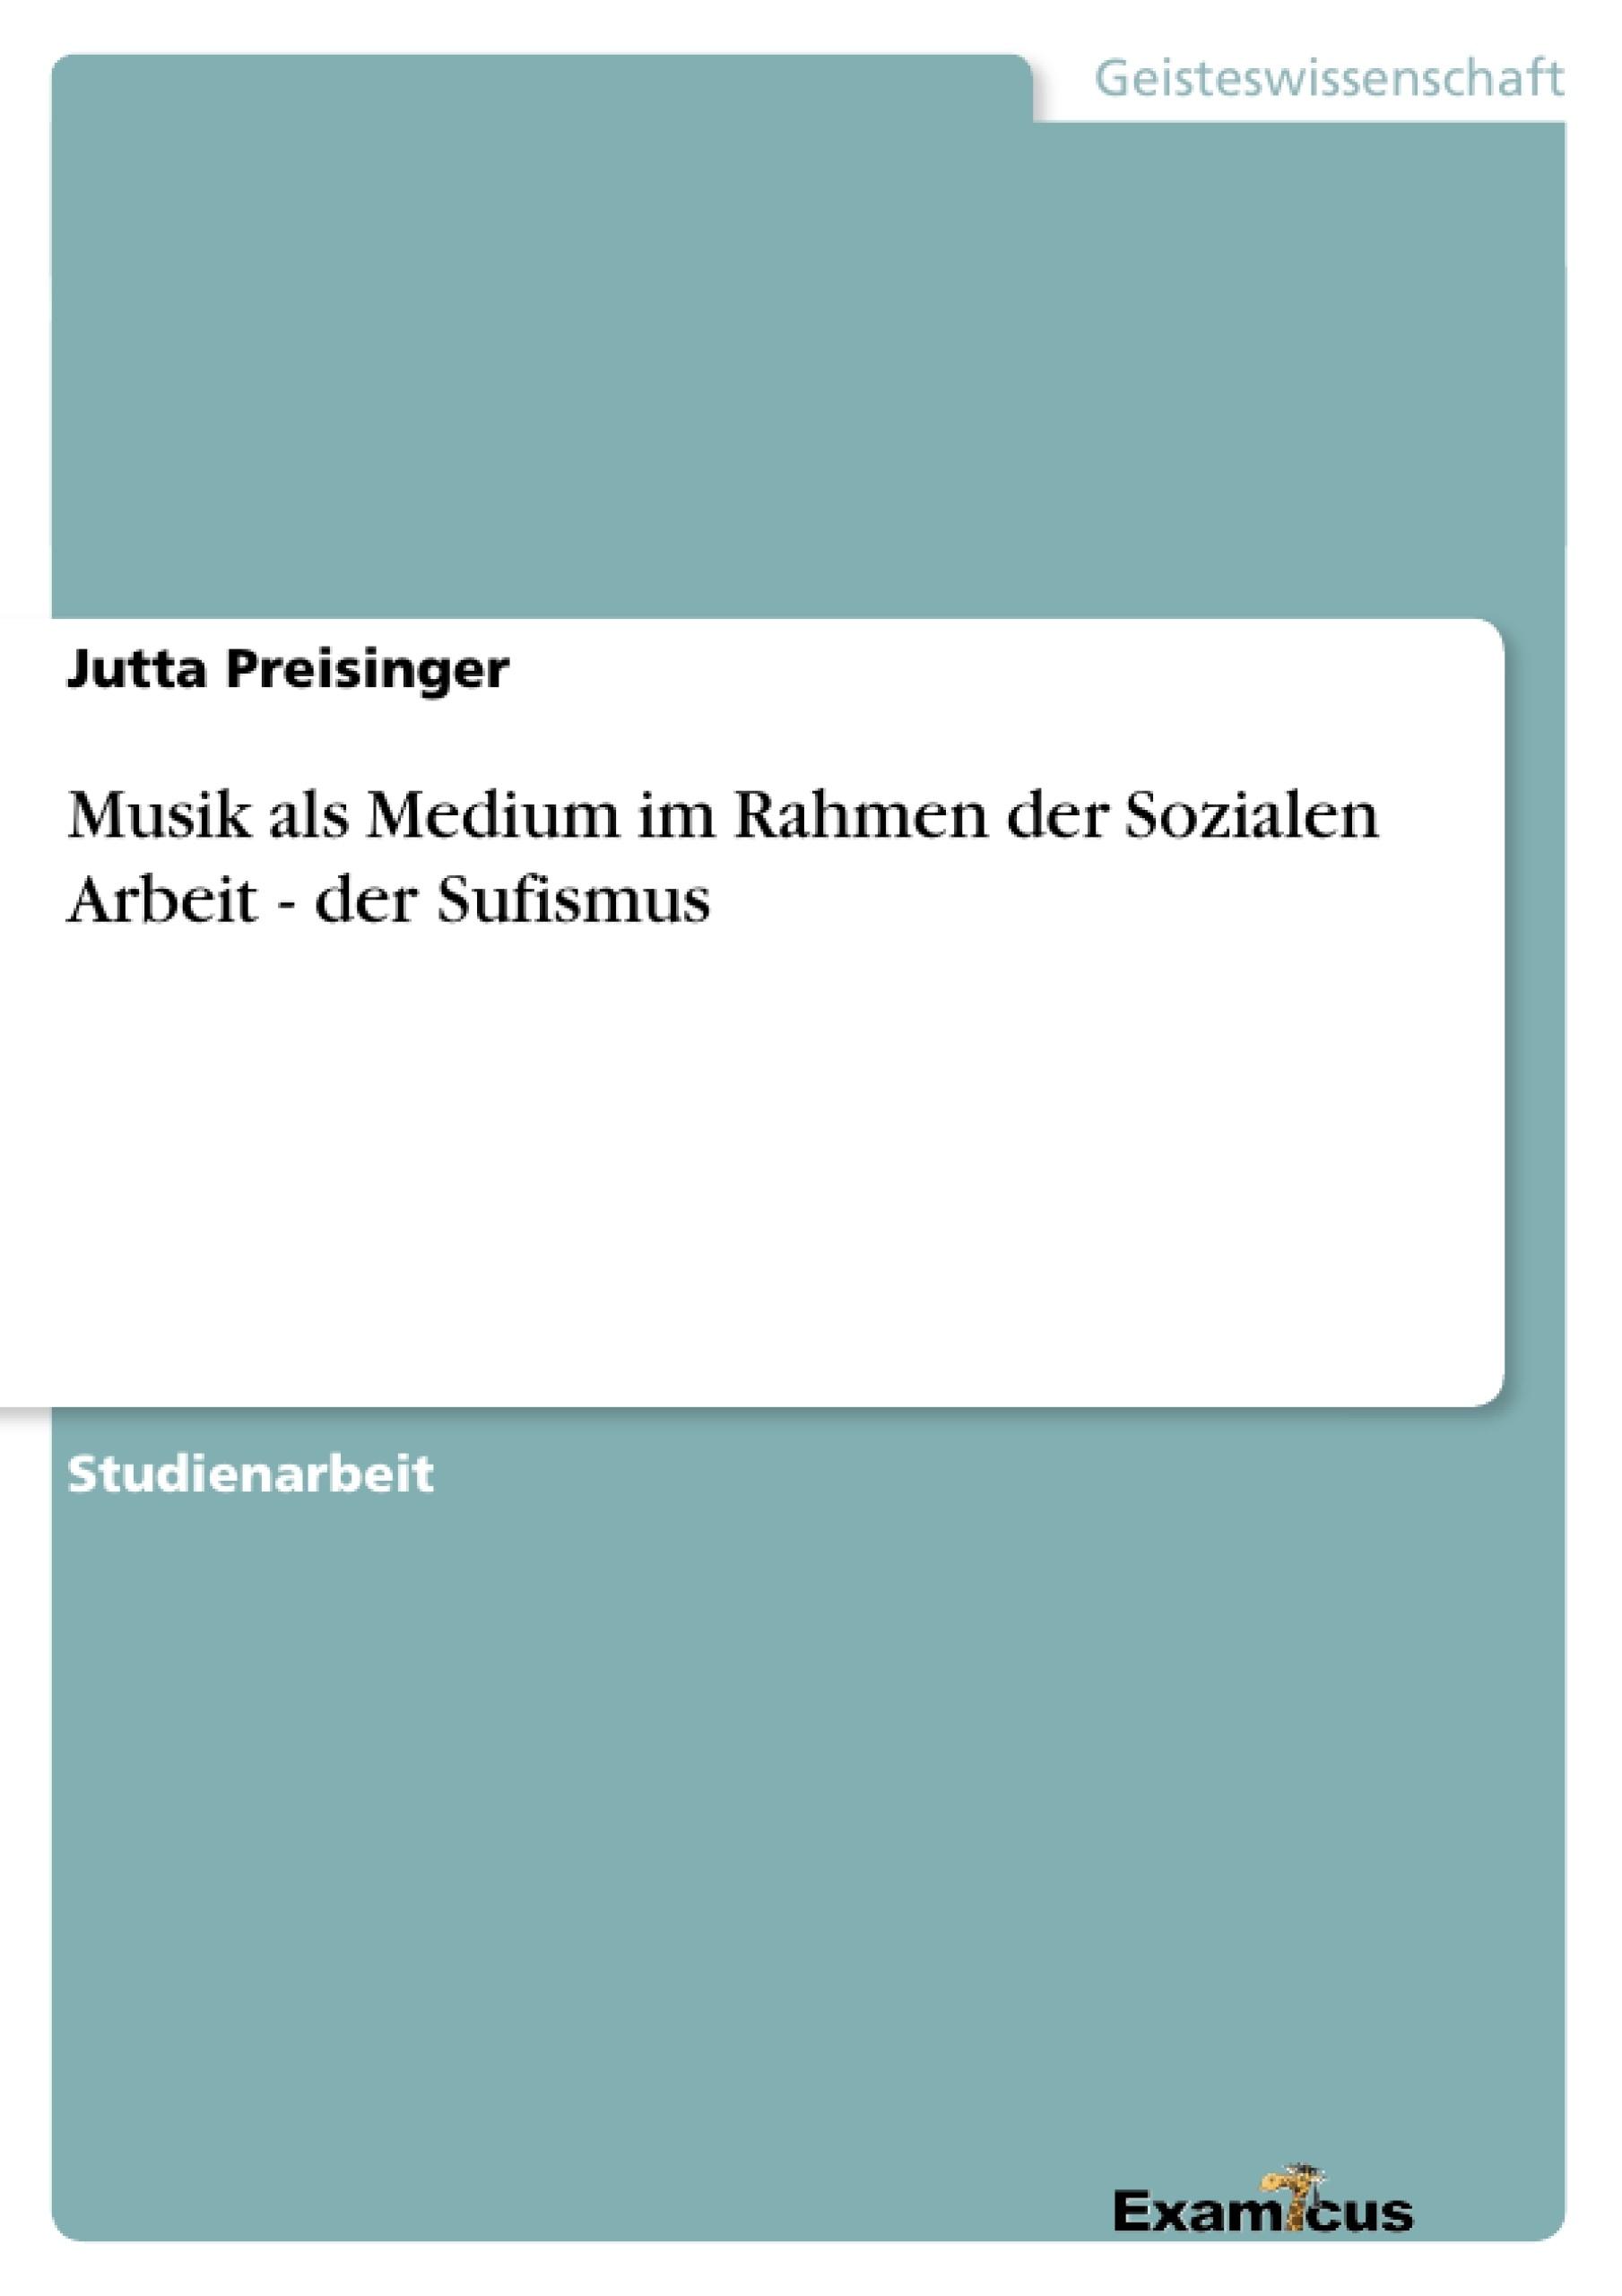 Titel: Musik als Medium im Rahmen der Sozialen Arbeit - der Sufismus